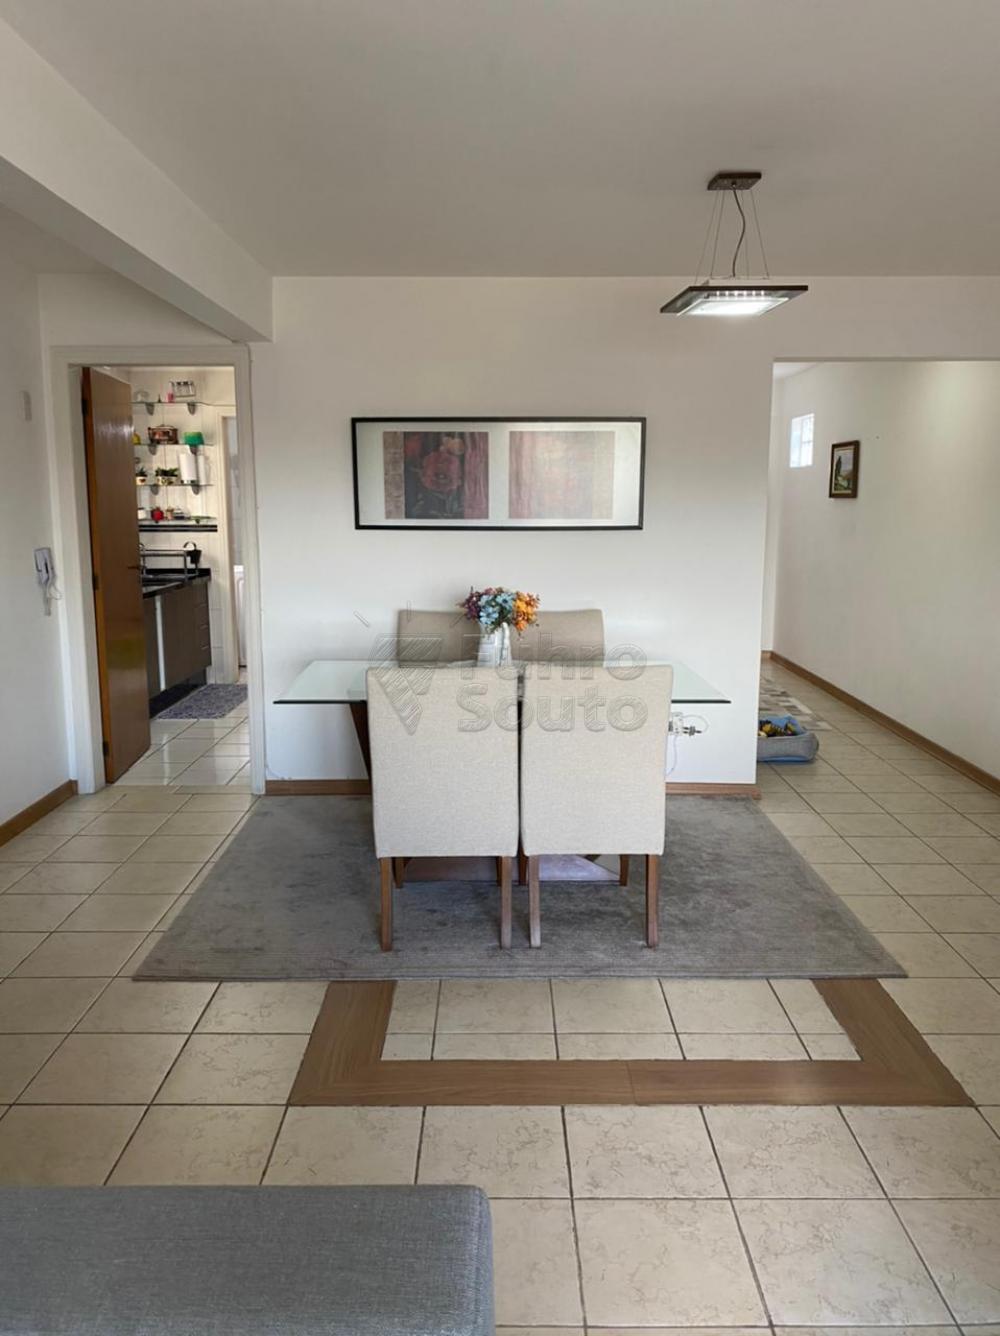 Comprar Apartamento / Padrão em Pelotas R$ 548.000,00 - Foto 5